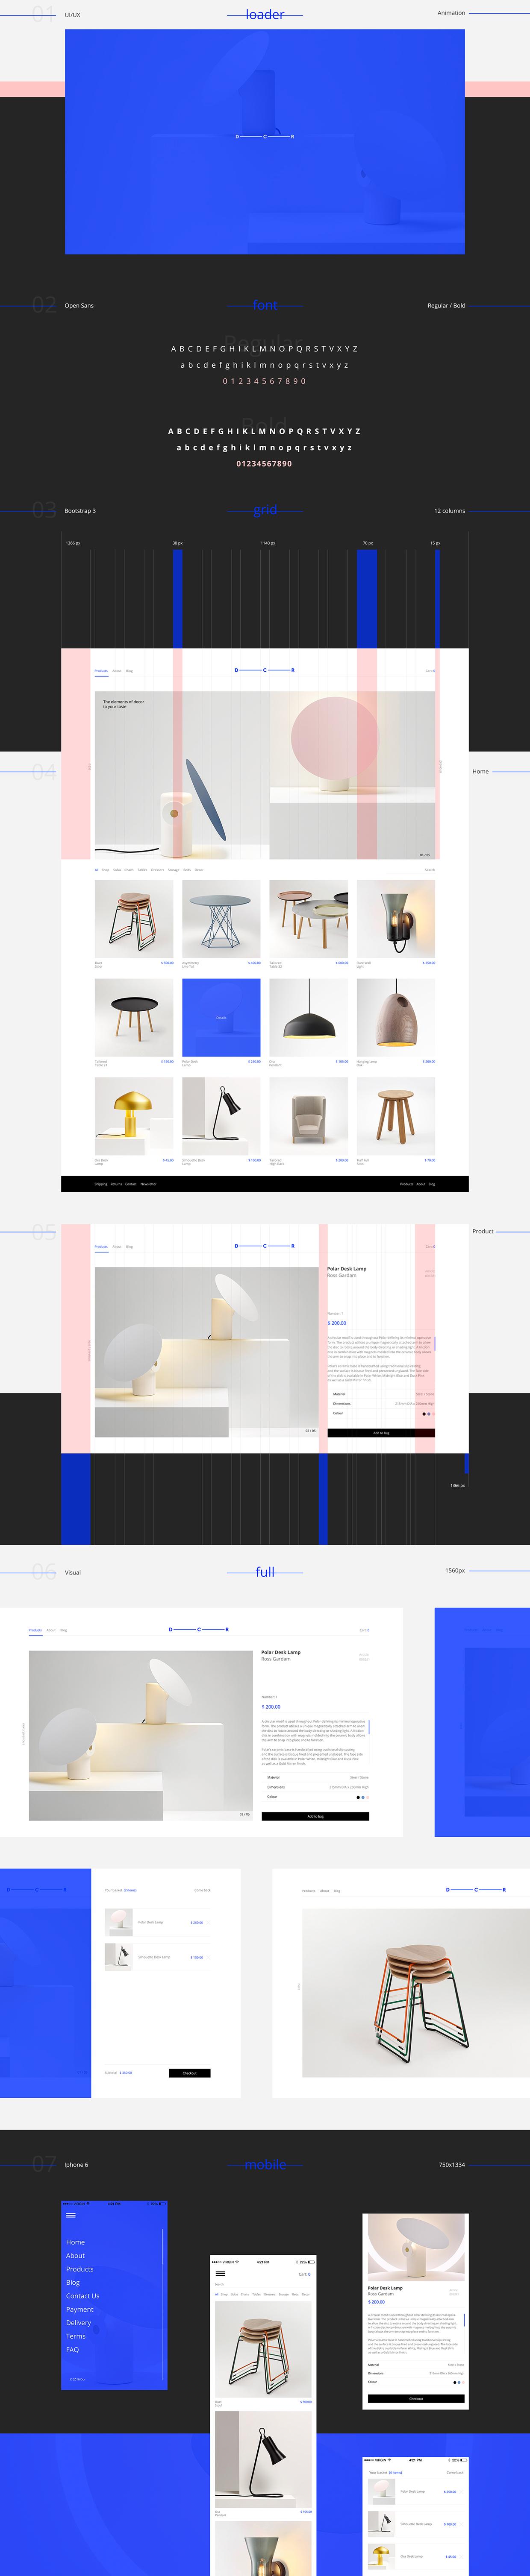 D  C  R - UI/UX Design